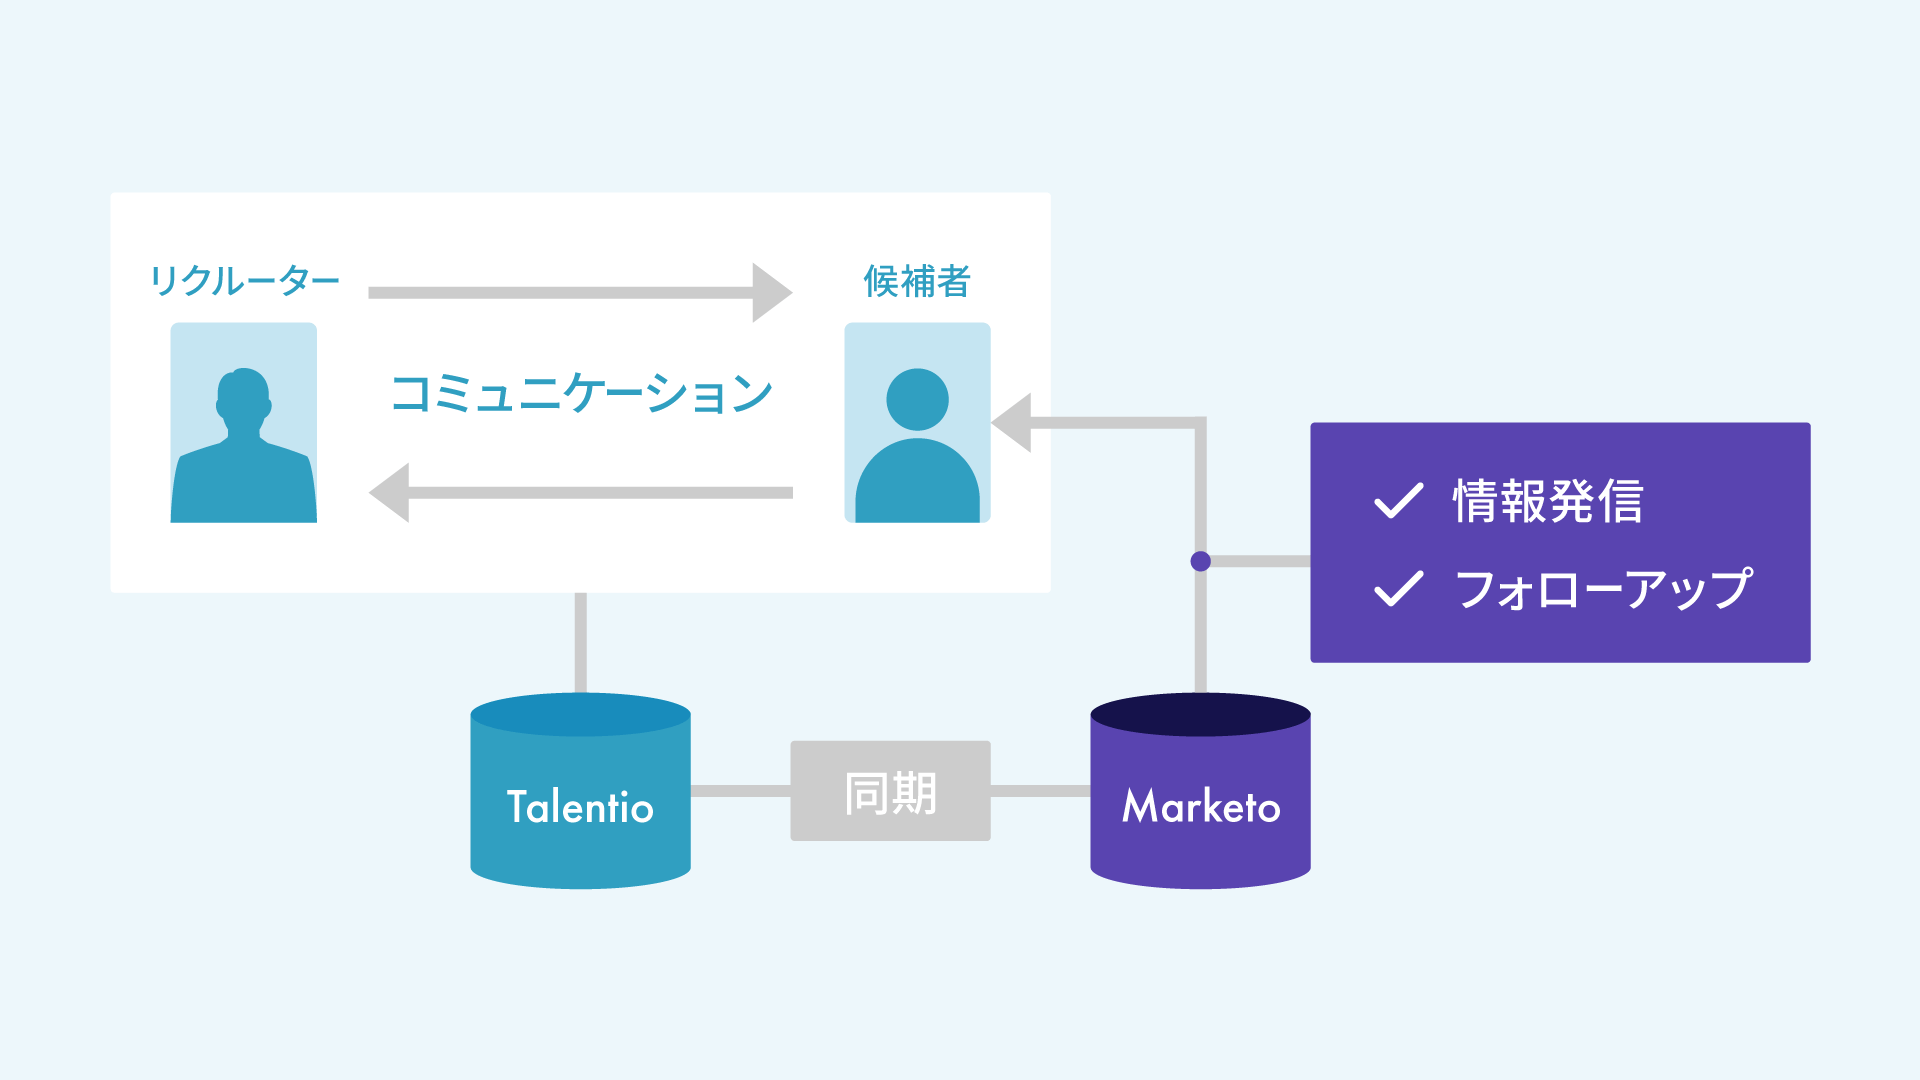 採用管理システム「Talentio」、アドビのMAツール「Marketo Engage」と連携